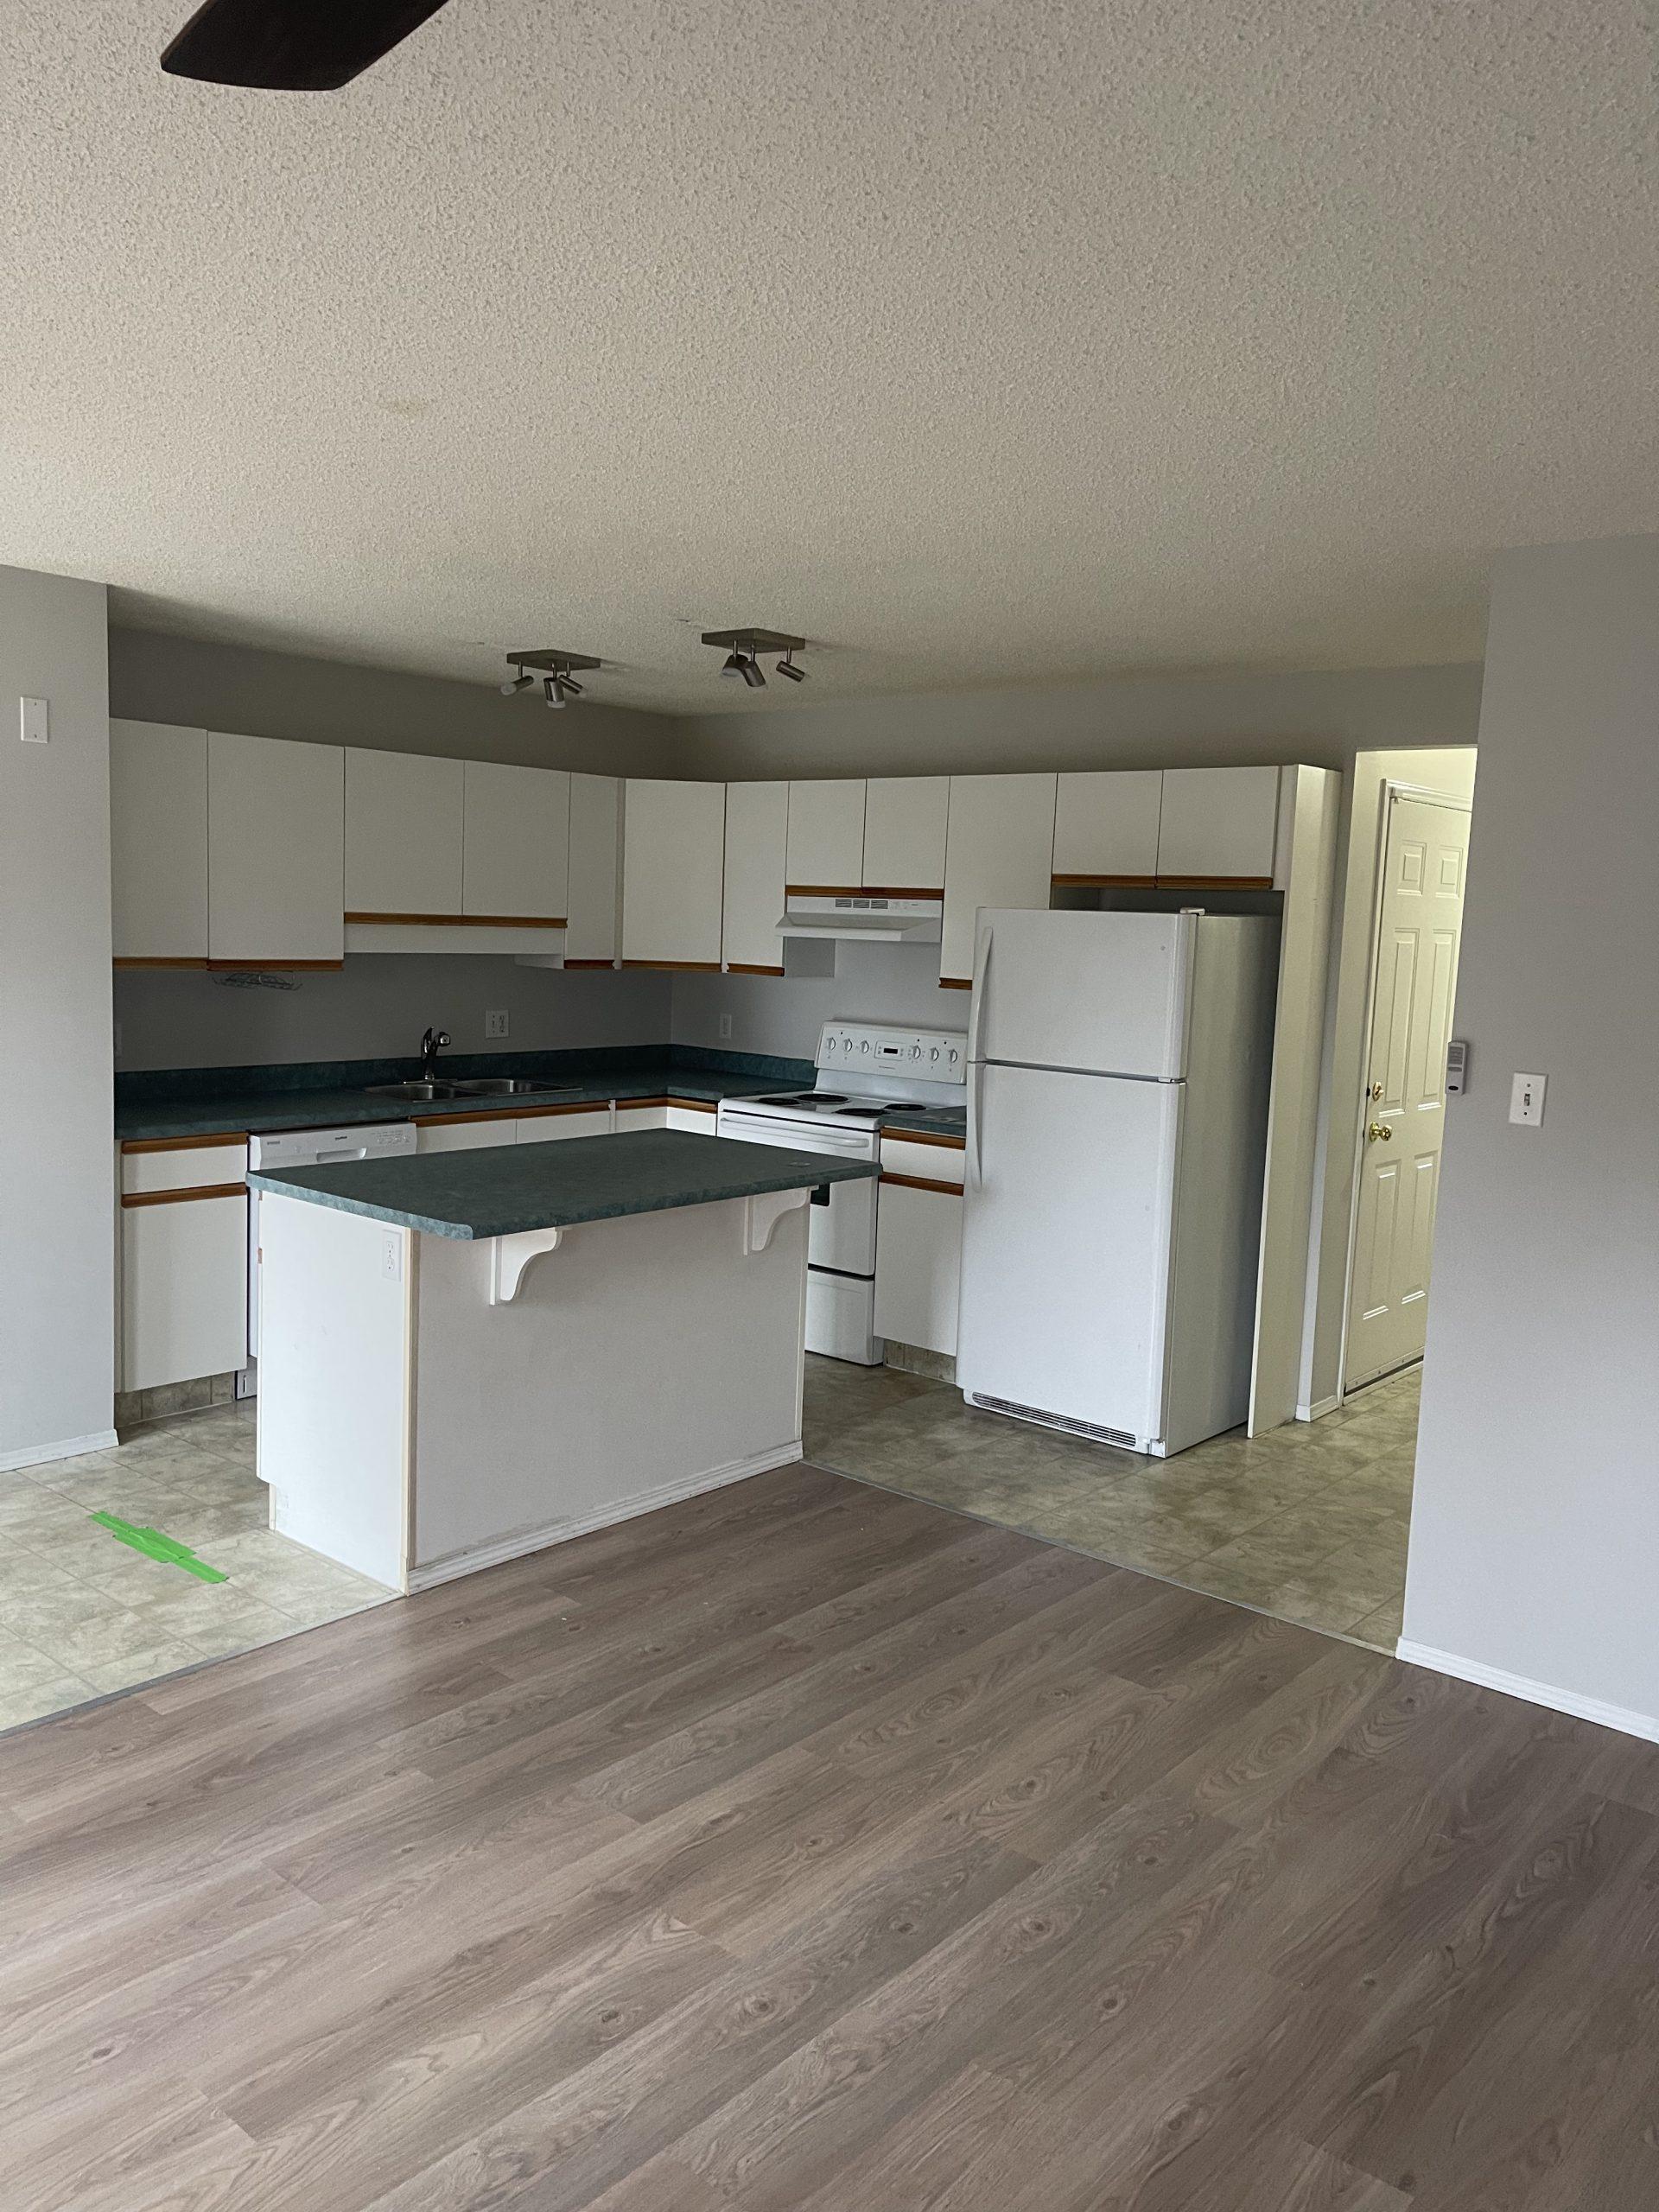 3 bedroom 1/2 Duplex for rent, Eaux Claires $1649/month